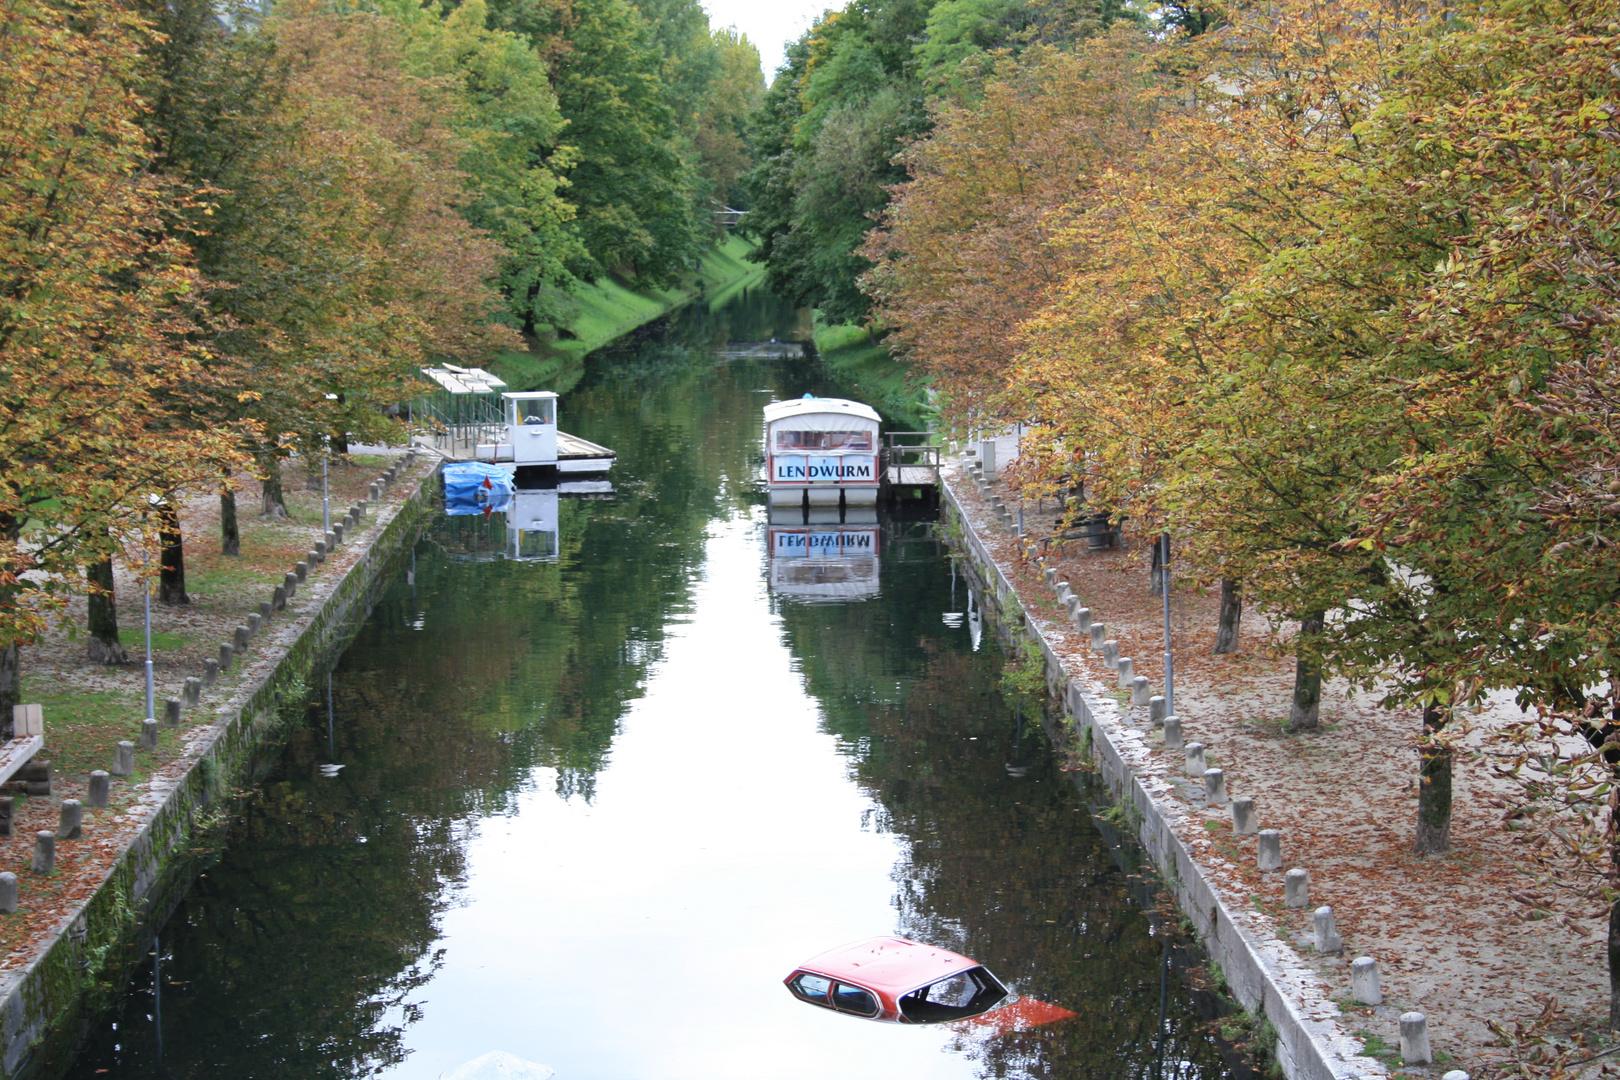 Klagenfurt im Herbst (Lendkanal)